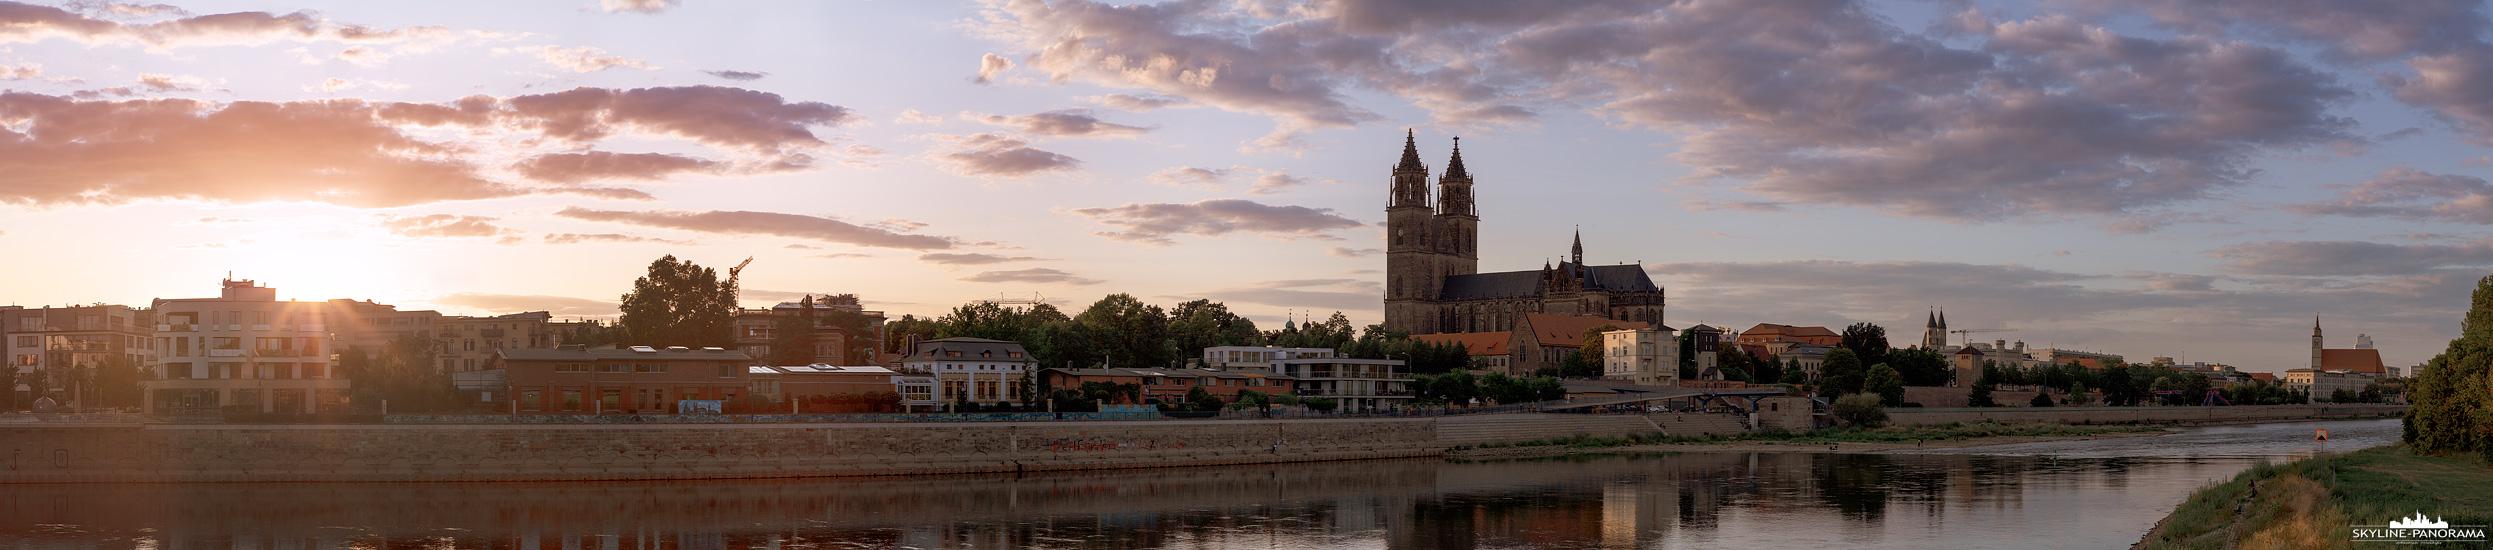 Panorama Magdeburg - Diese Stadtansicht von Magdeburg zeigt den Blick zum Sonnenuntergang vom Sockel der Hubbrücke aus, in Richtung des Magdeburger Doms. Das Motiv ist als Datei oder Fotodruck auf Leinwand, Alu oder hinter Acryl erhältlich.